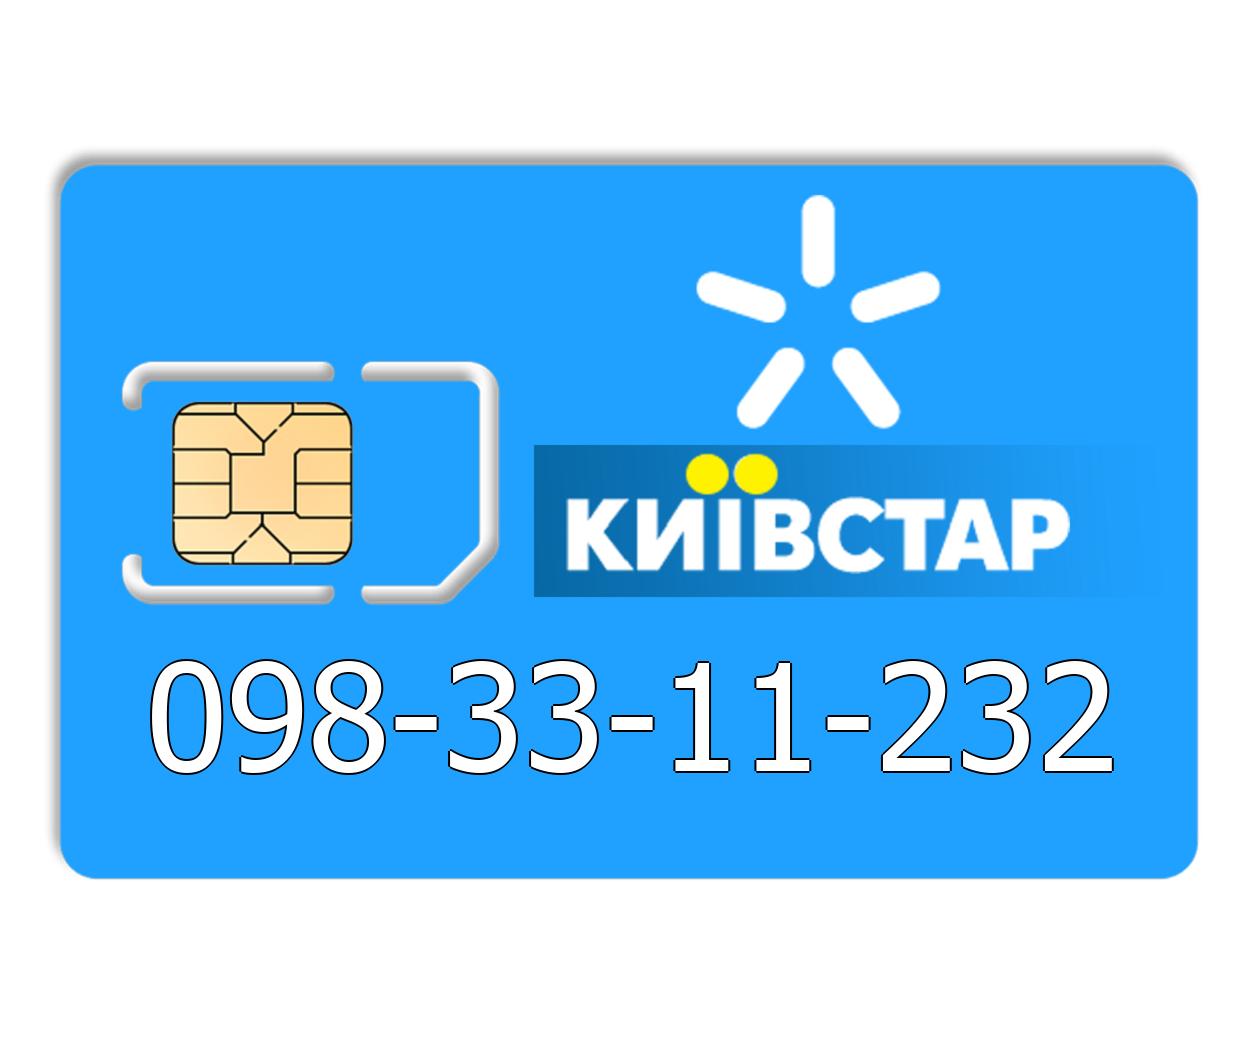 Красивый номер Киевстар 098-33-11-232